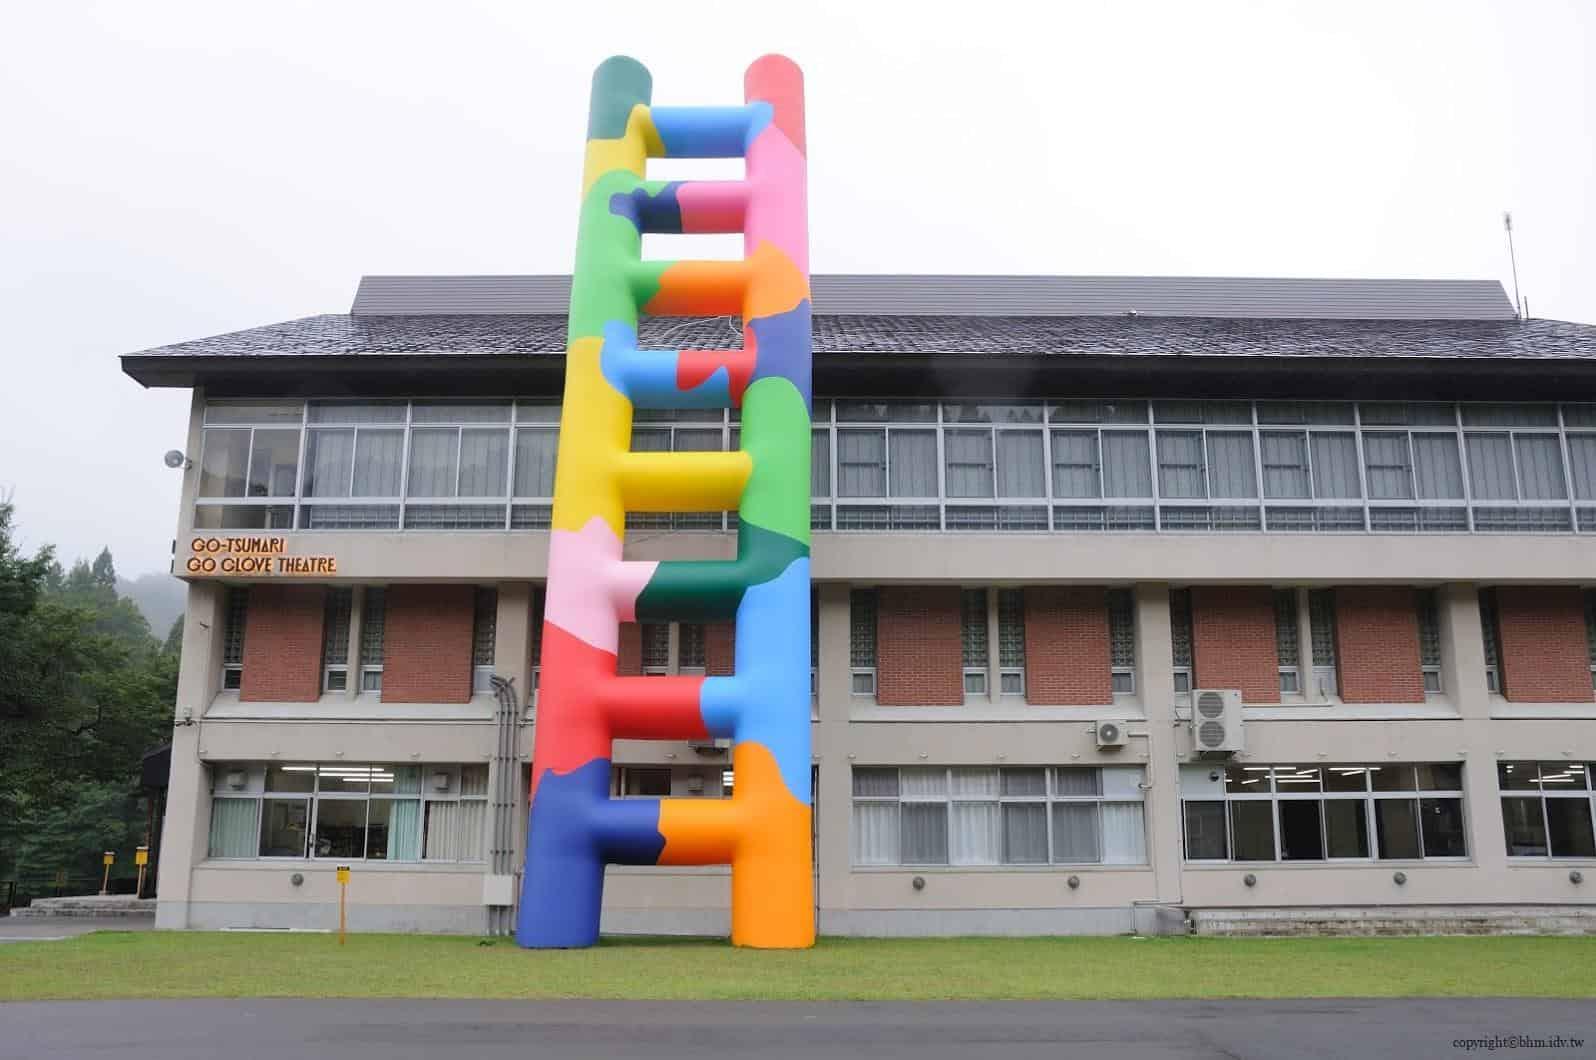 豊田恒行,越後妻有「上鄉劇場館」,側面的五彩大型充氣梯子為建築物增加童趣 活化廢棄學校 活化廢棄學校 Echigo Tsumari Kamigo Clove Theatre 05